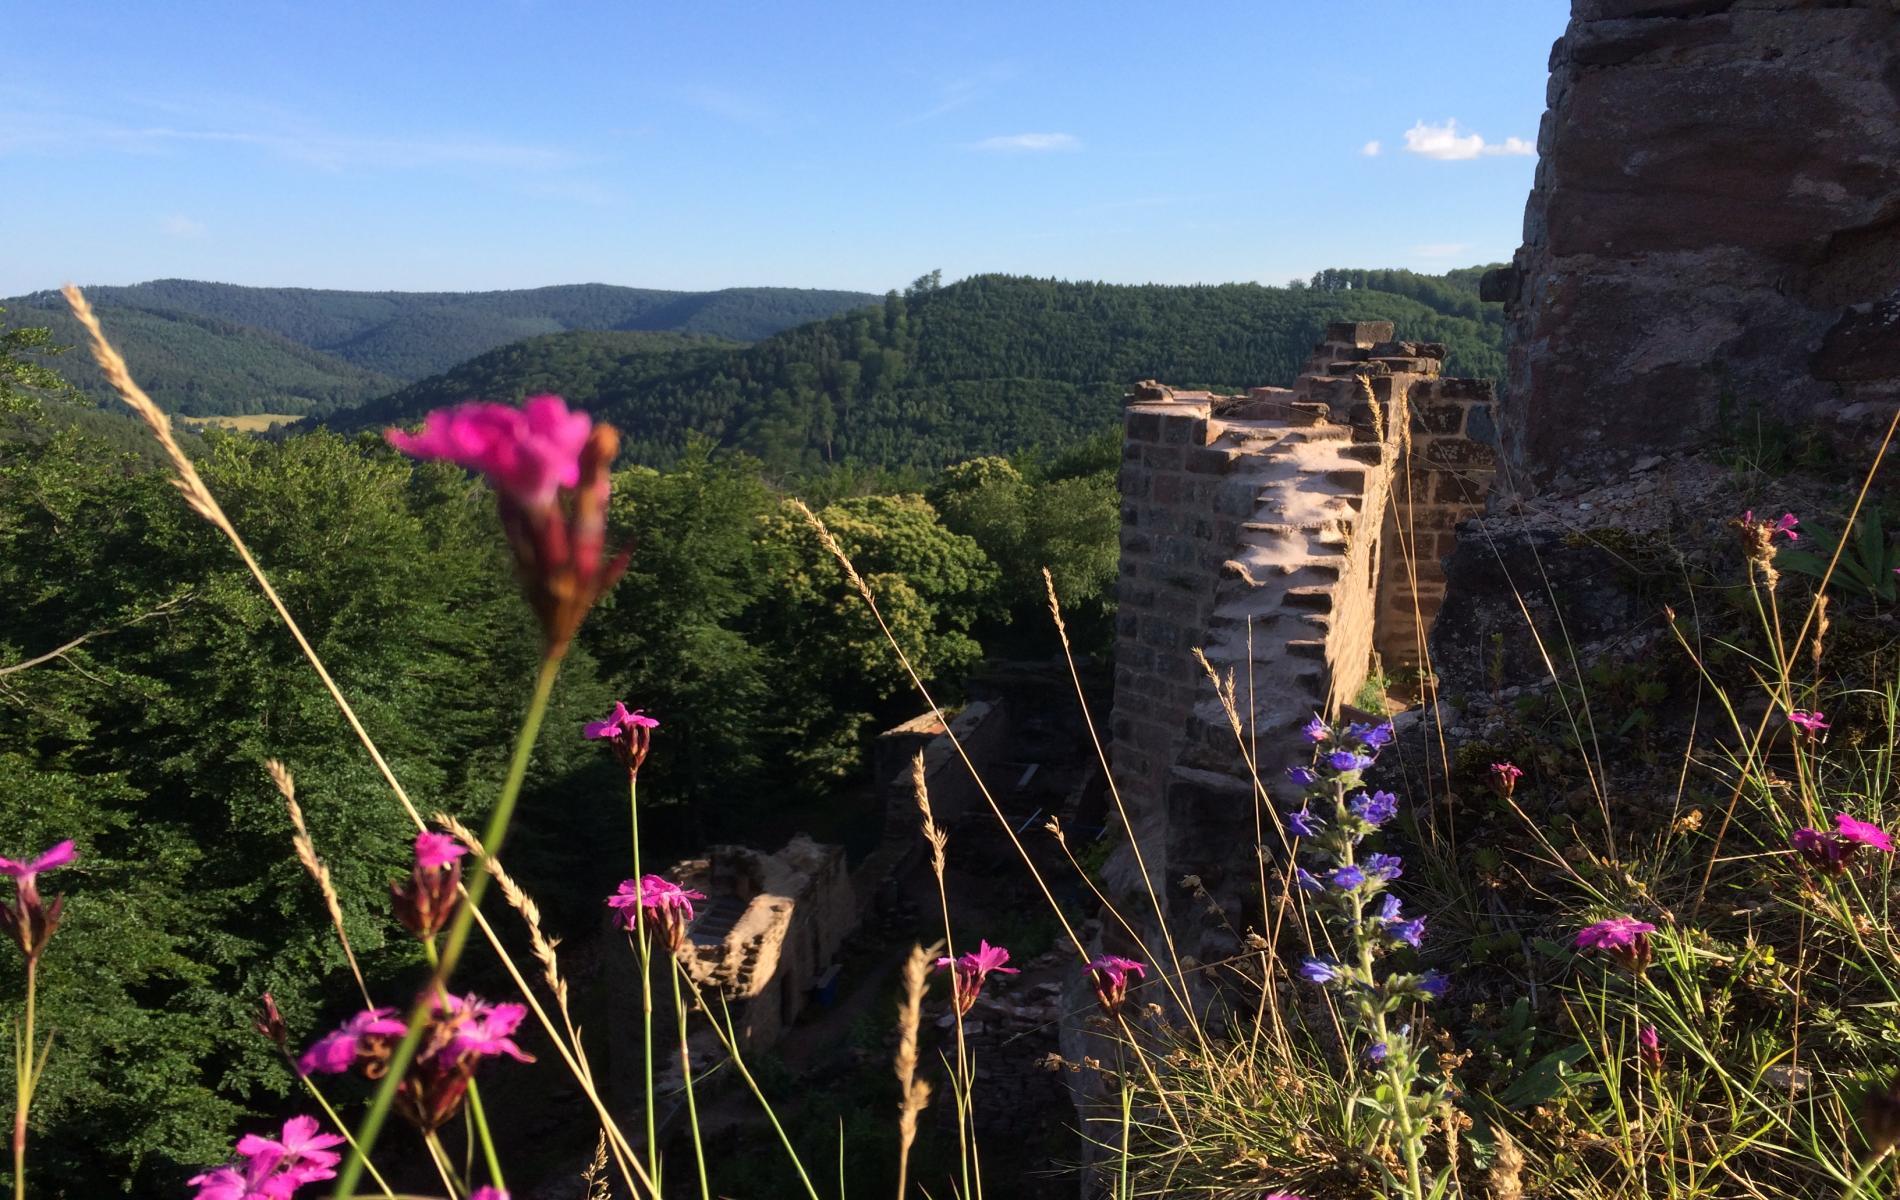 Les nombreuses ruines de châteaux